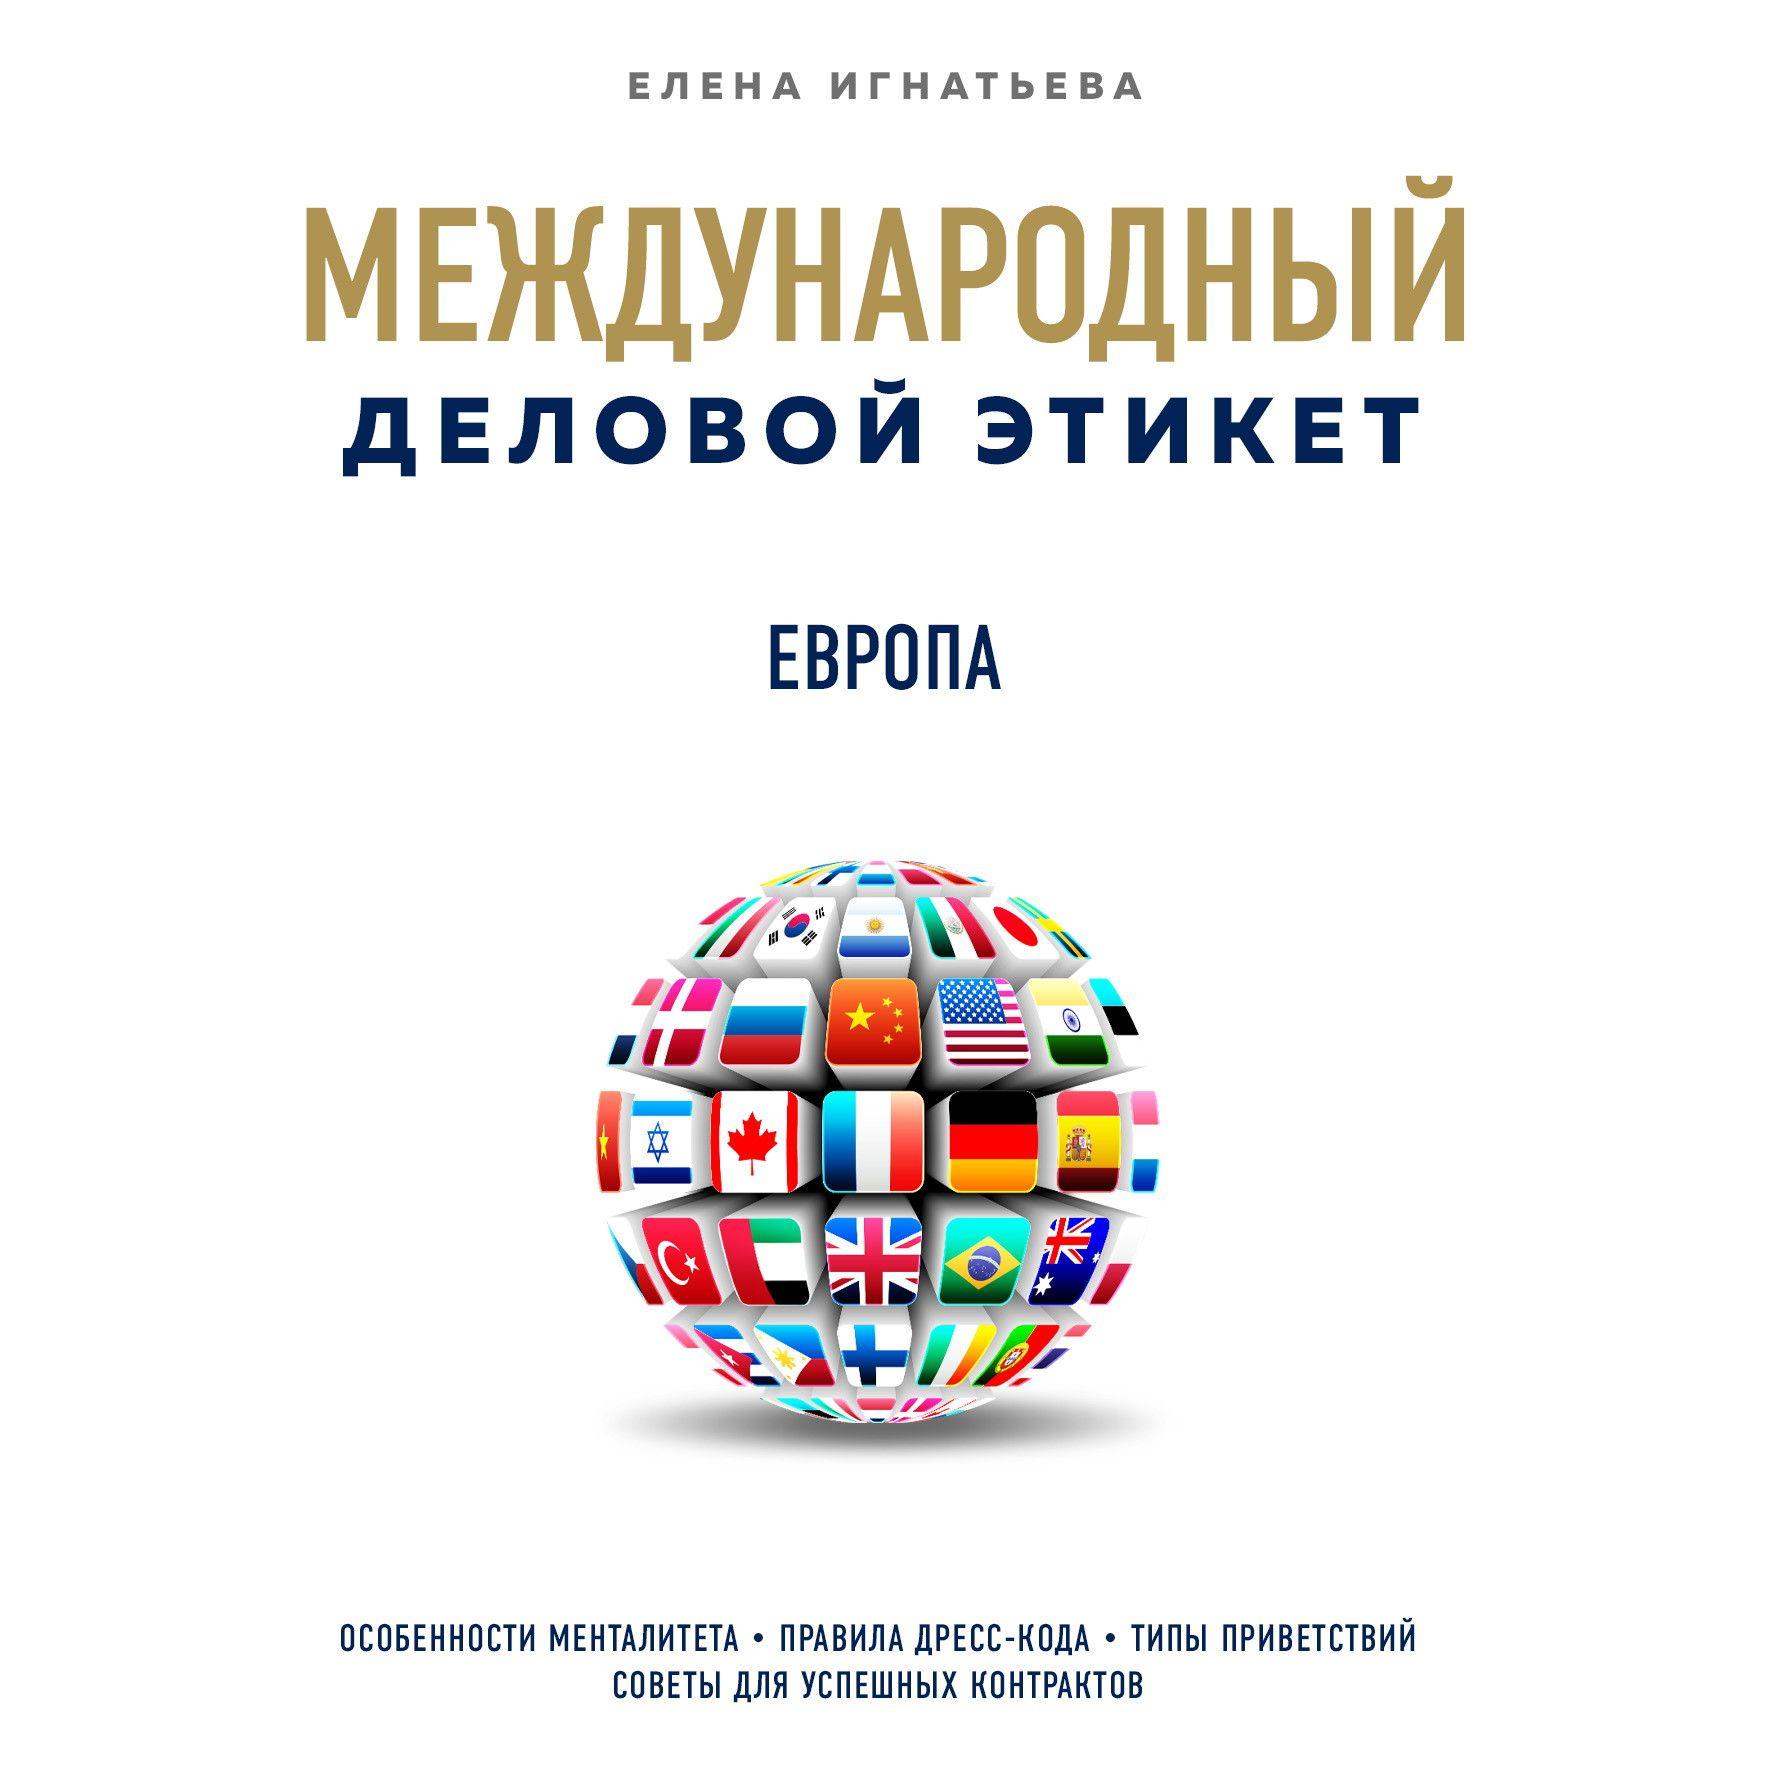 Бизнес-этикет разных стран: Европа